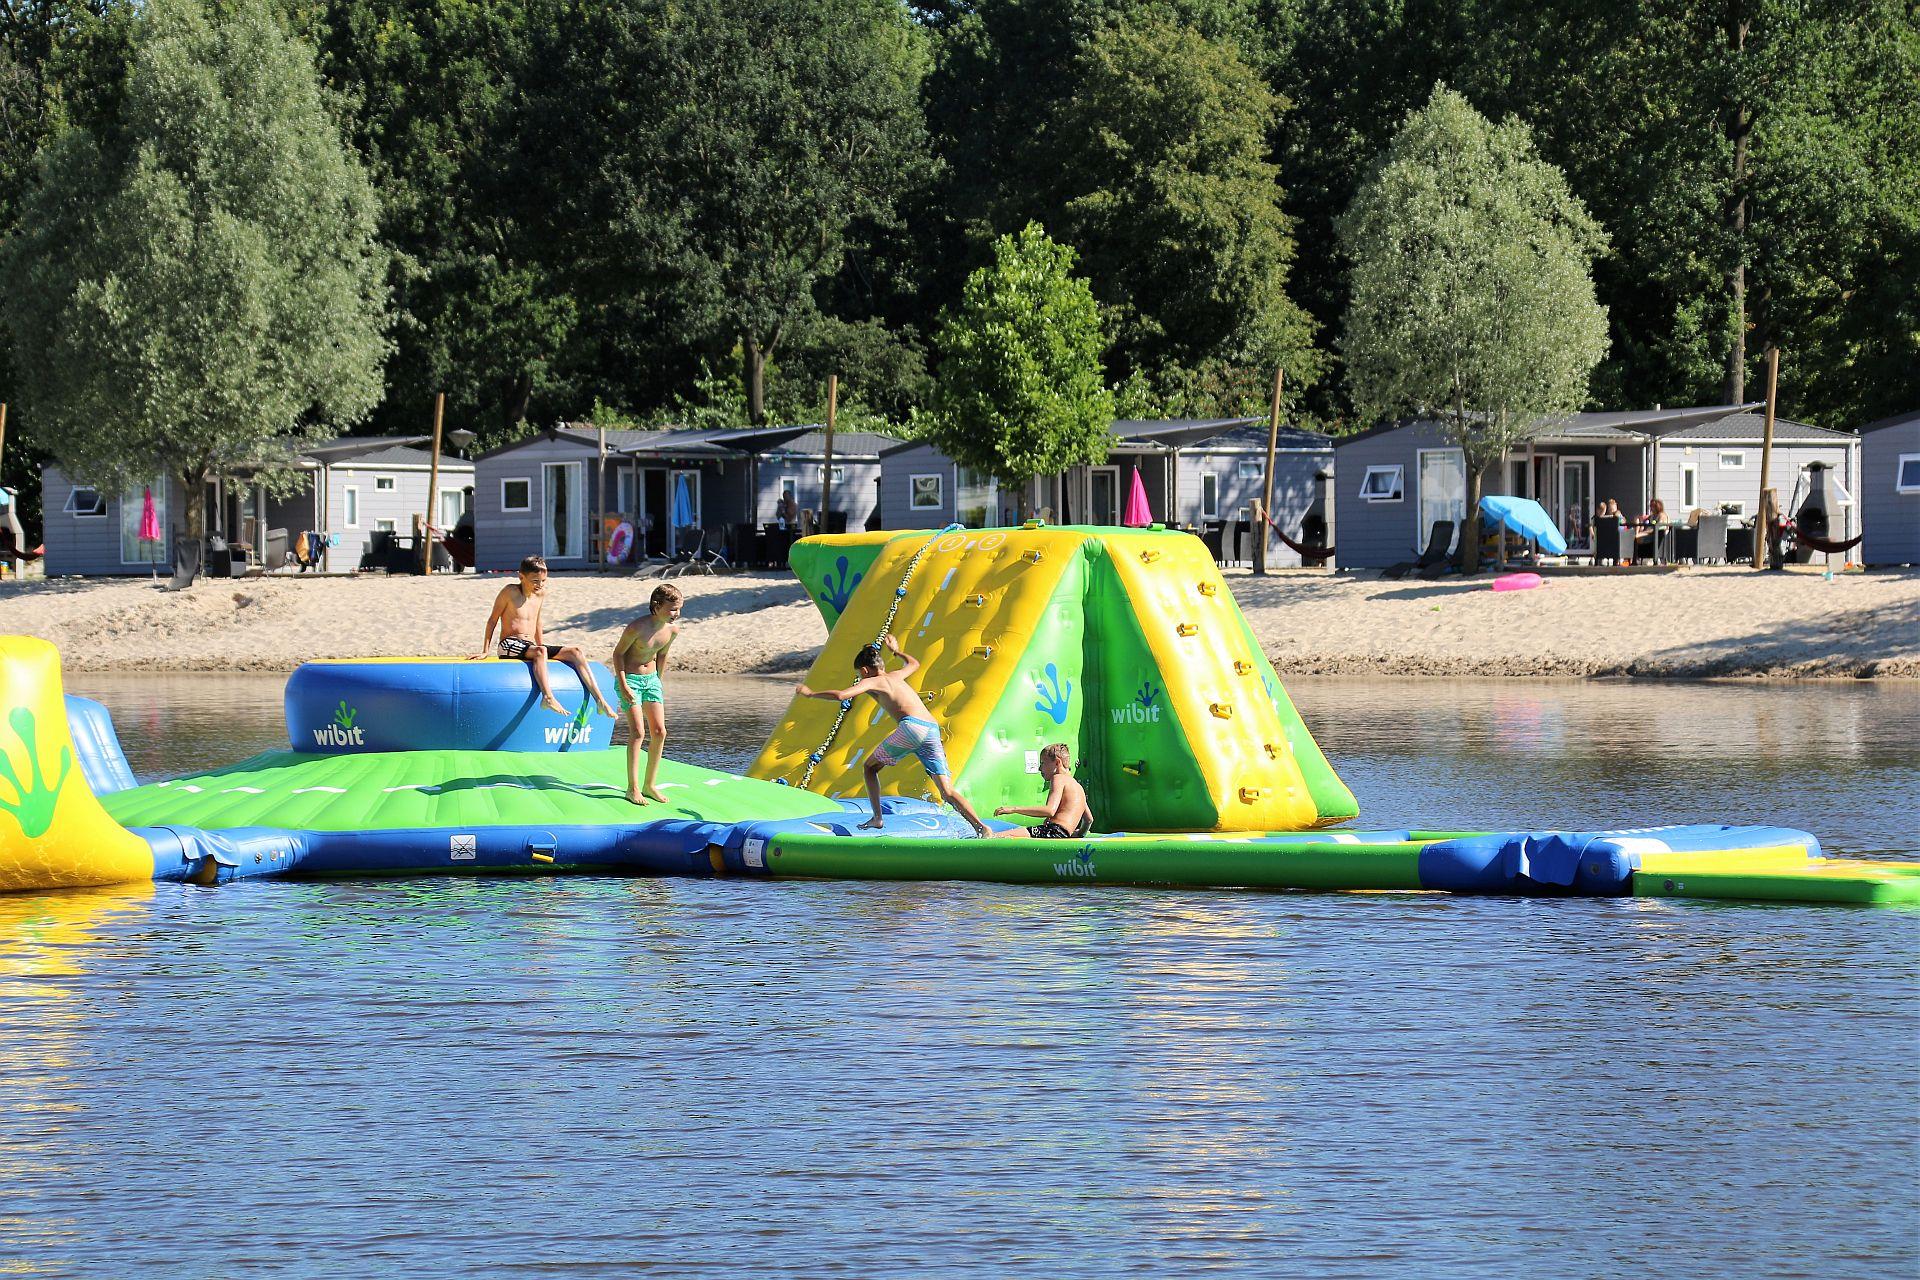 Leukste camping in Overijssel met zwembad en indoor strand! - Leukste camping in Overijssel